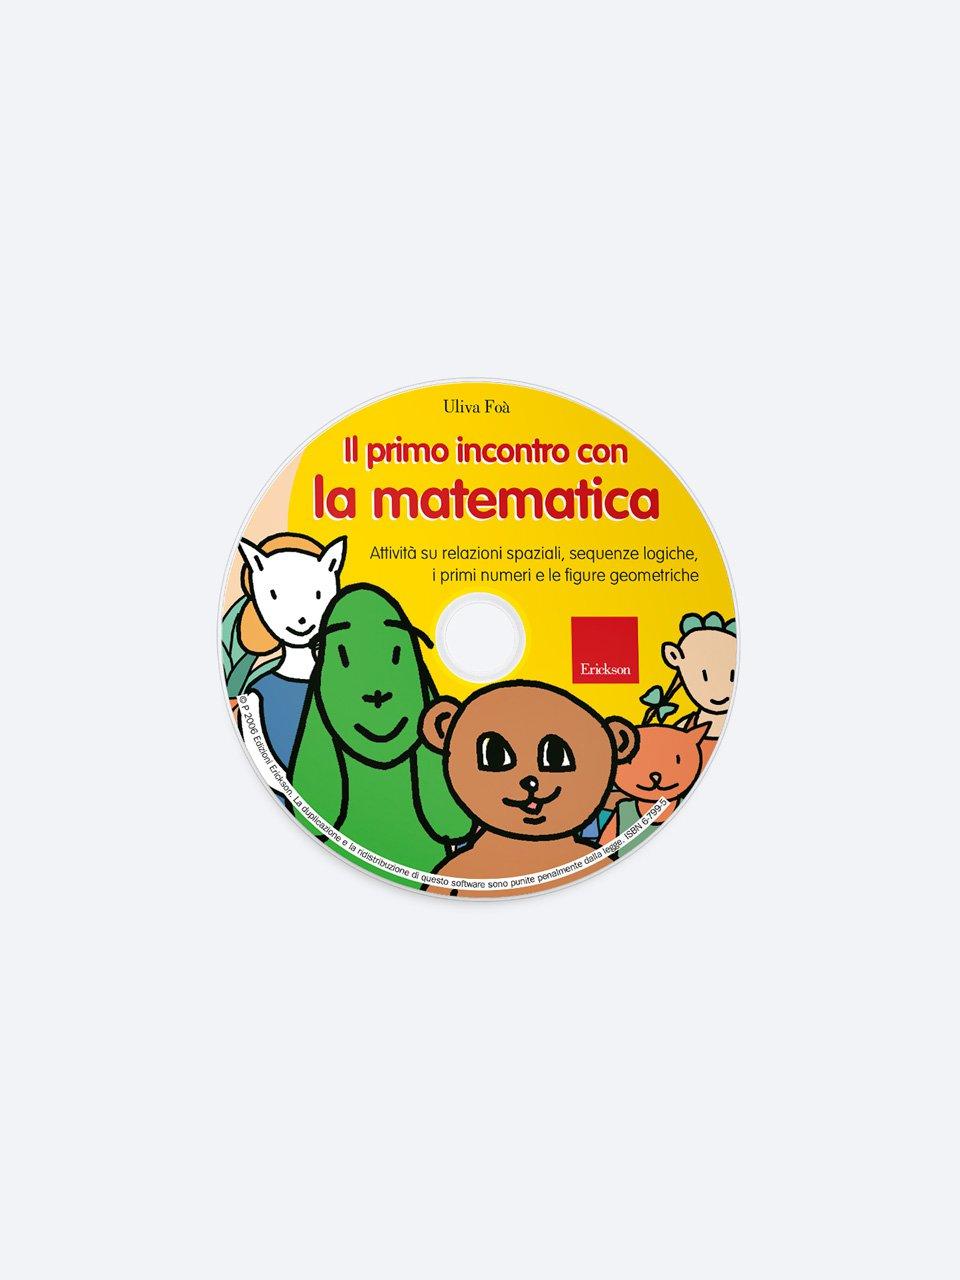 Il primo incontro con la matematica - Informatica facile - Volume 2 - Libri - Erickson